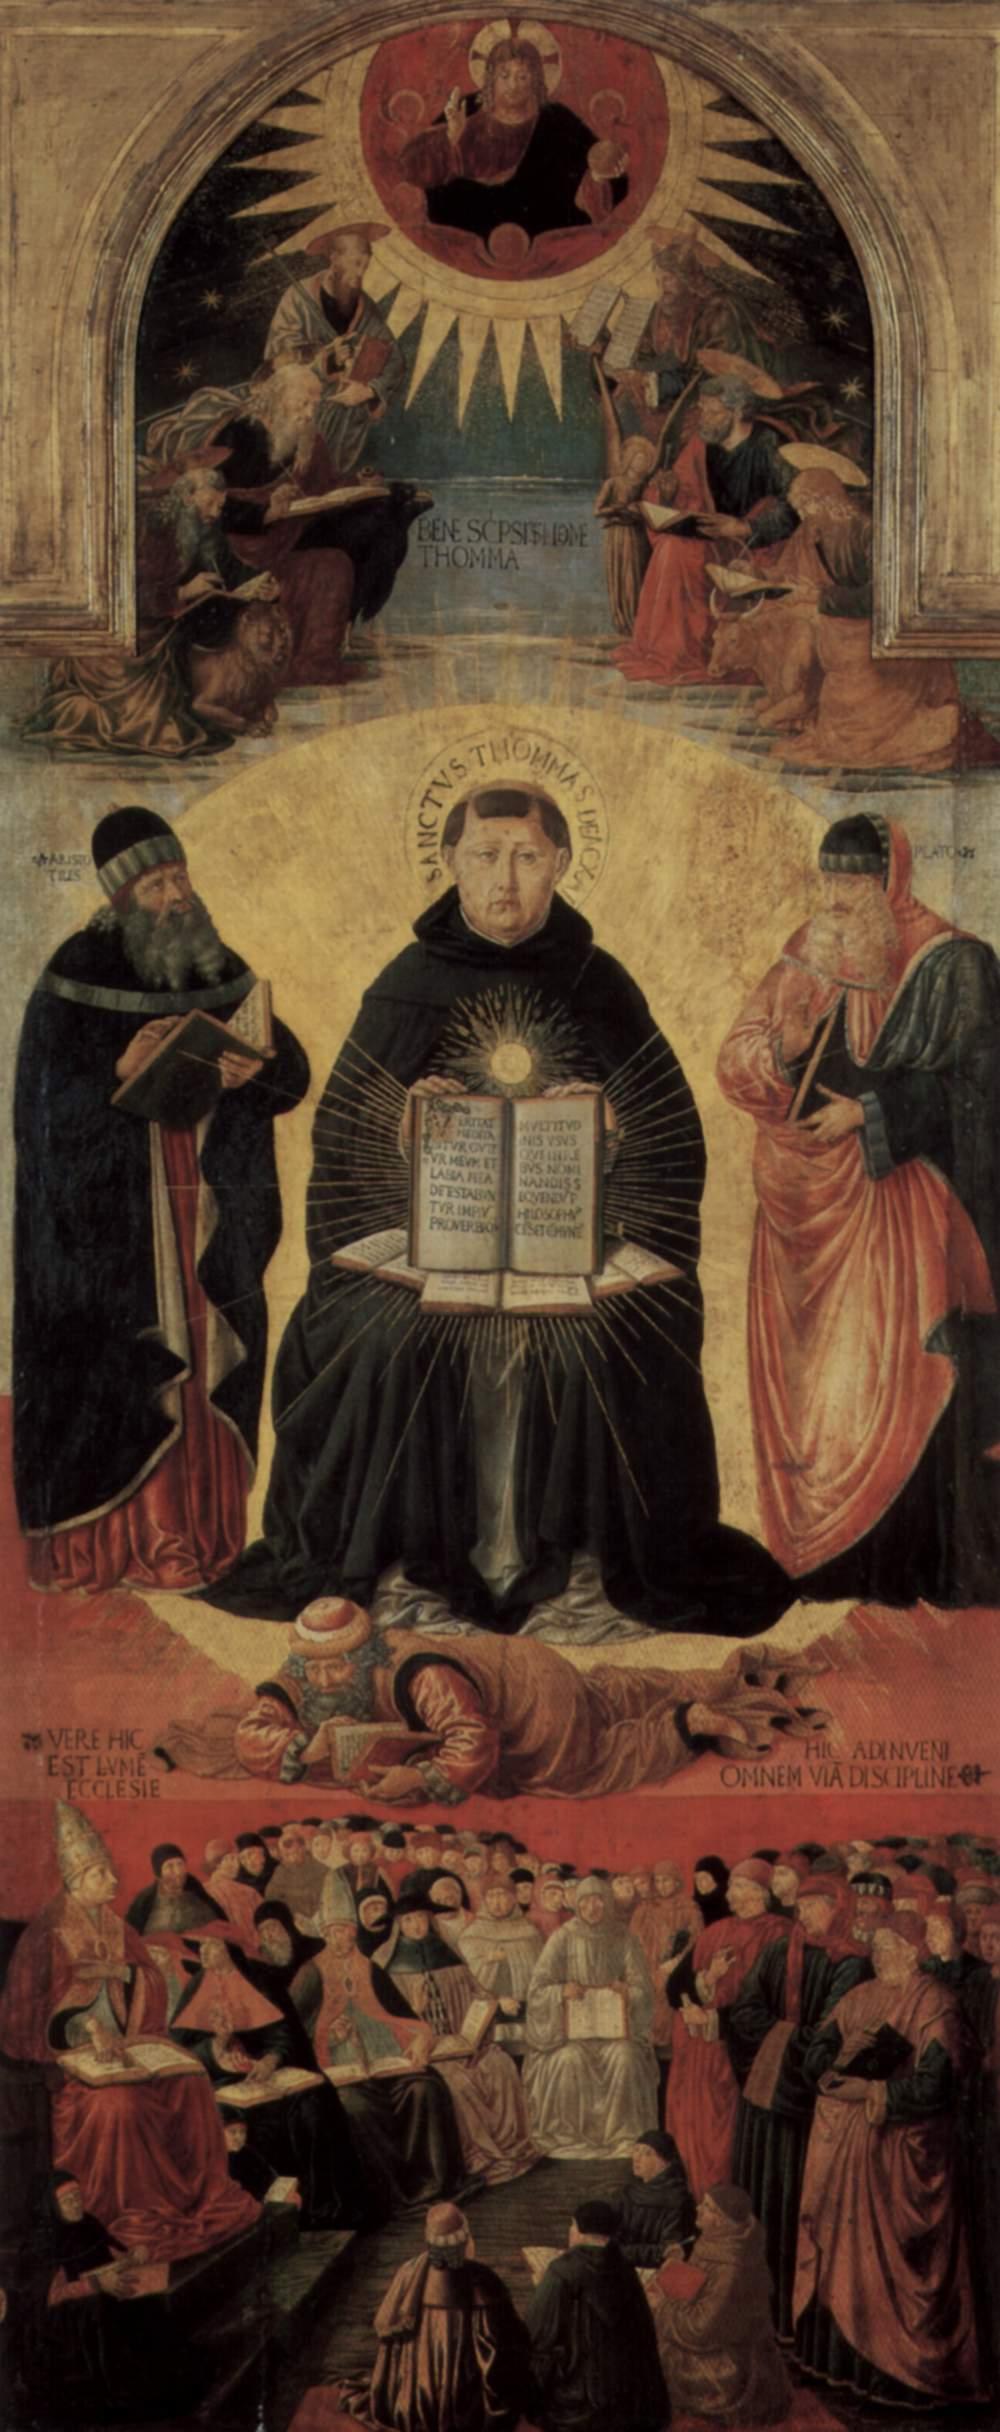 Aquinas Averroes and Scholastics